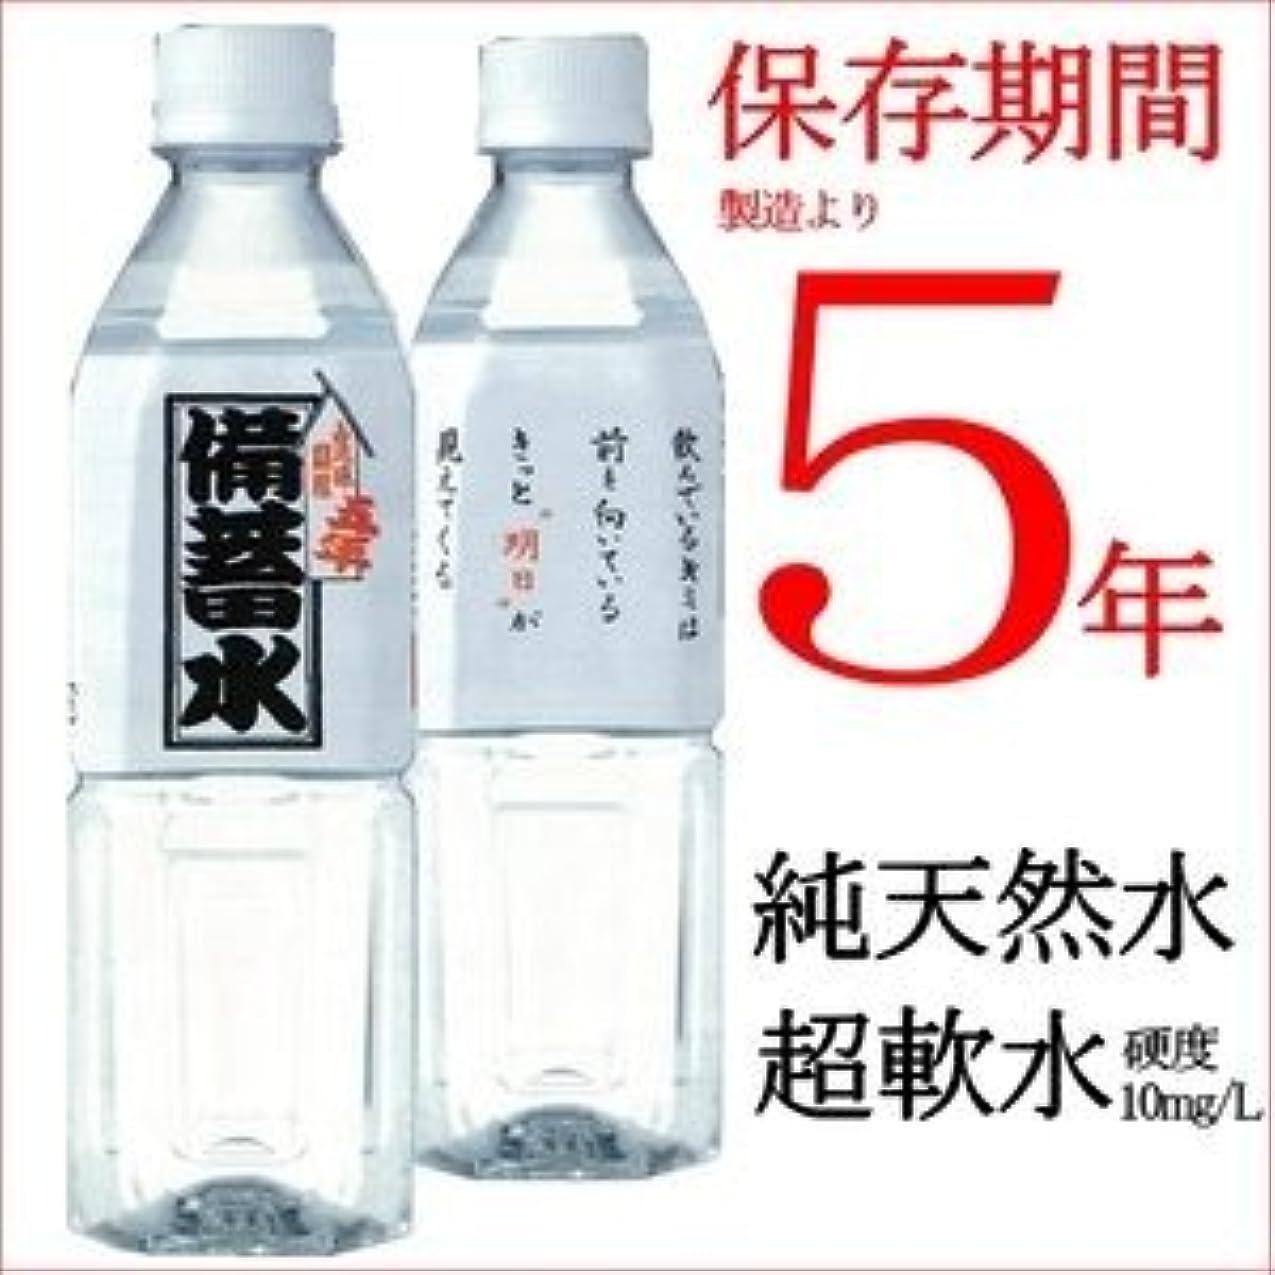 にんじん大いに満足できる備蓄水 5年保存水 500ml×48本(24本×2ケース) 超軟水10mg/L (2ケース48本入り)